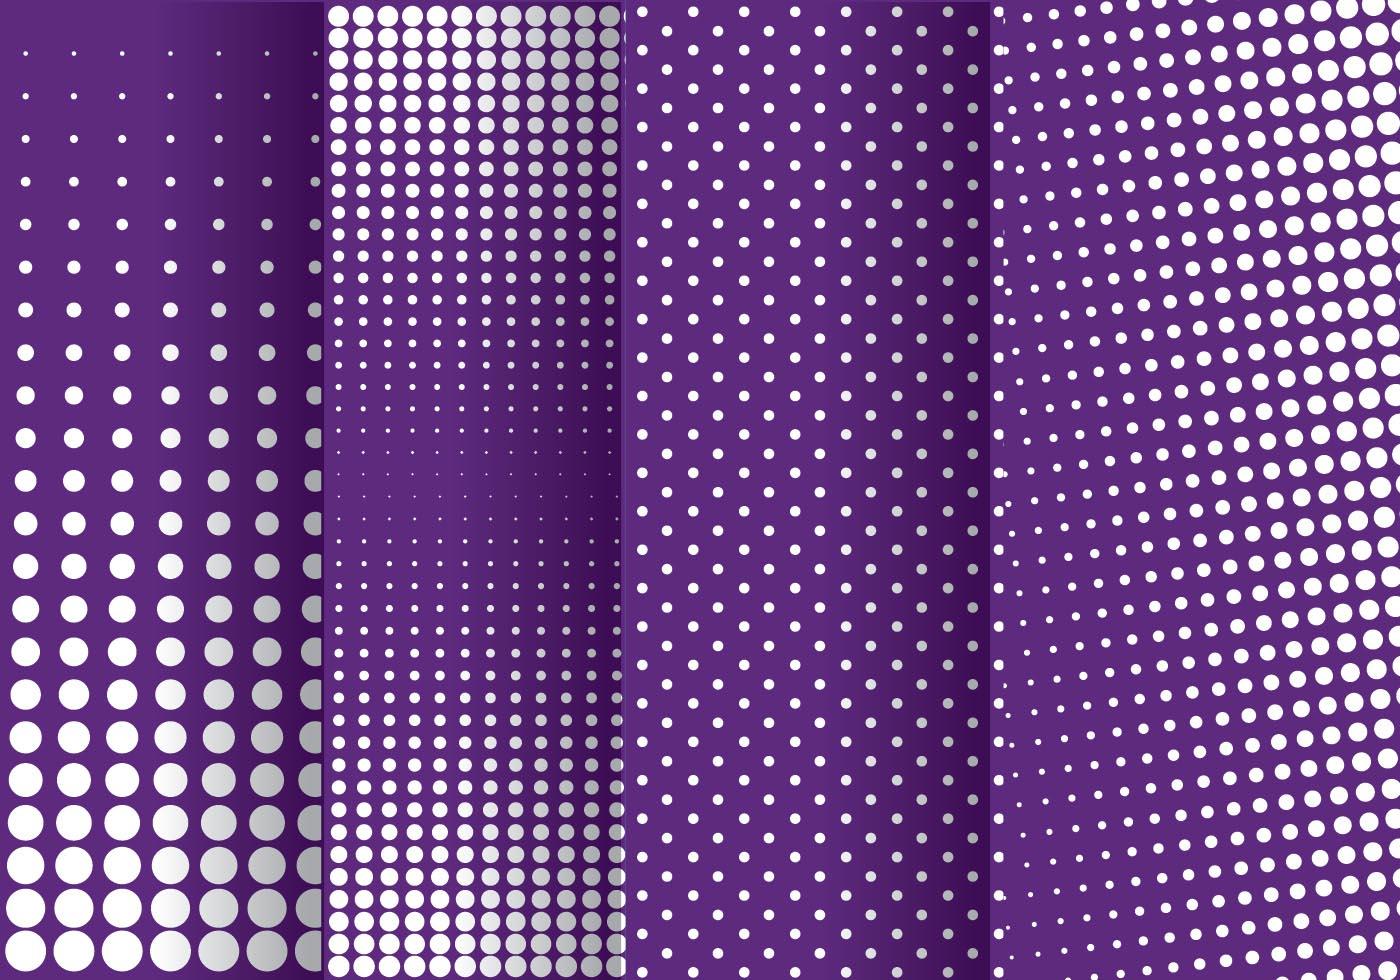 Dot Pattern - D...